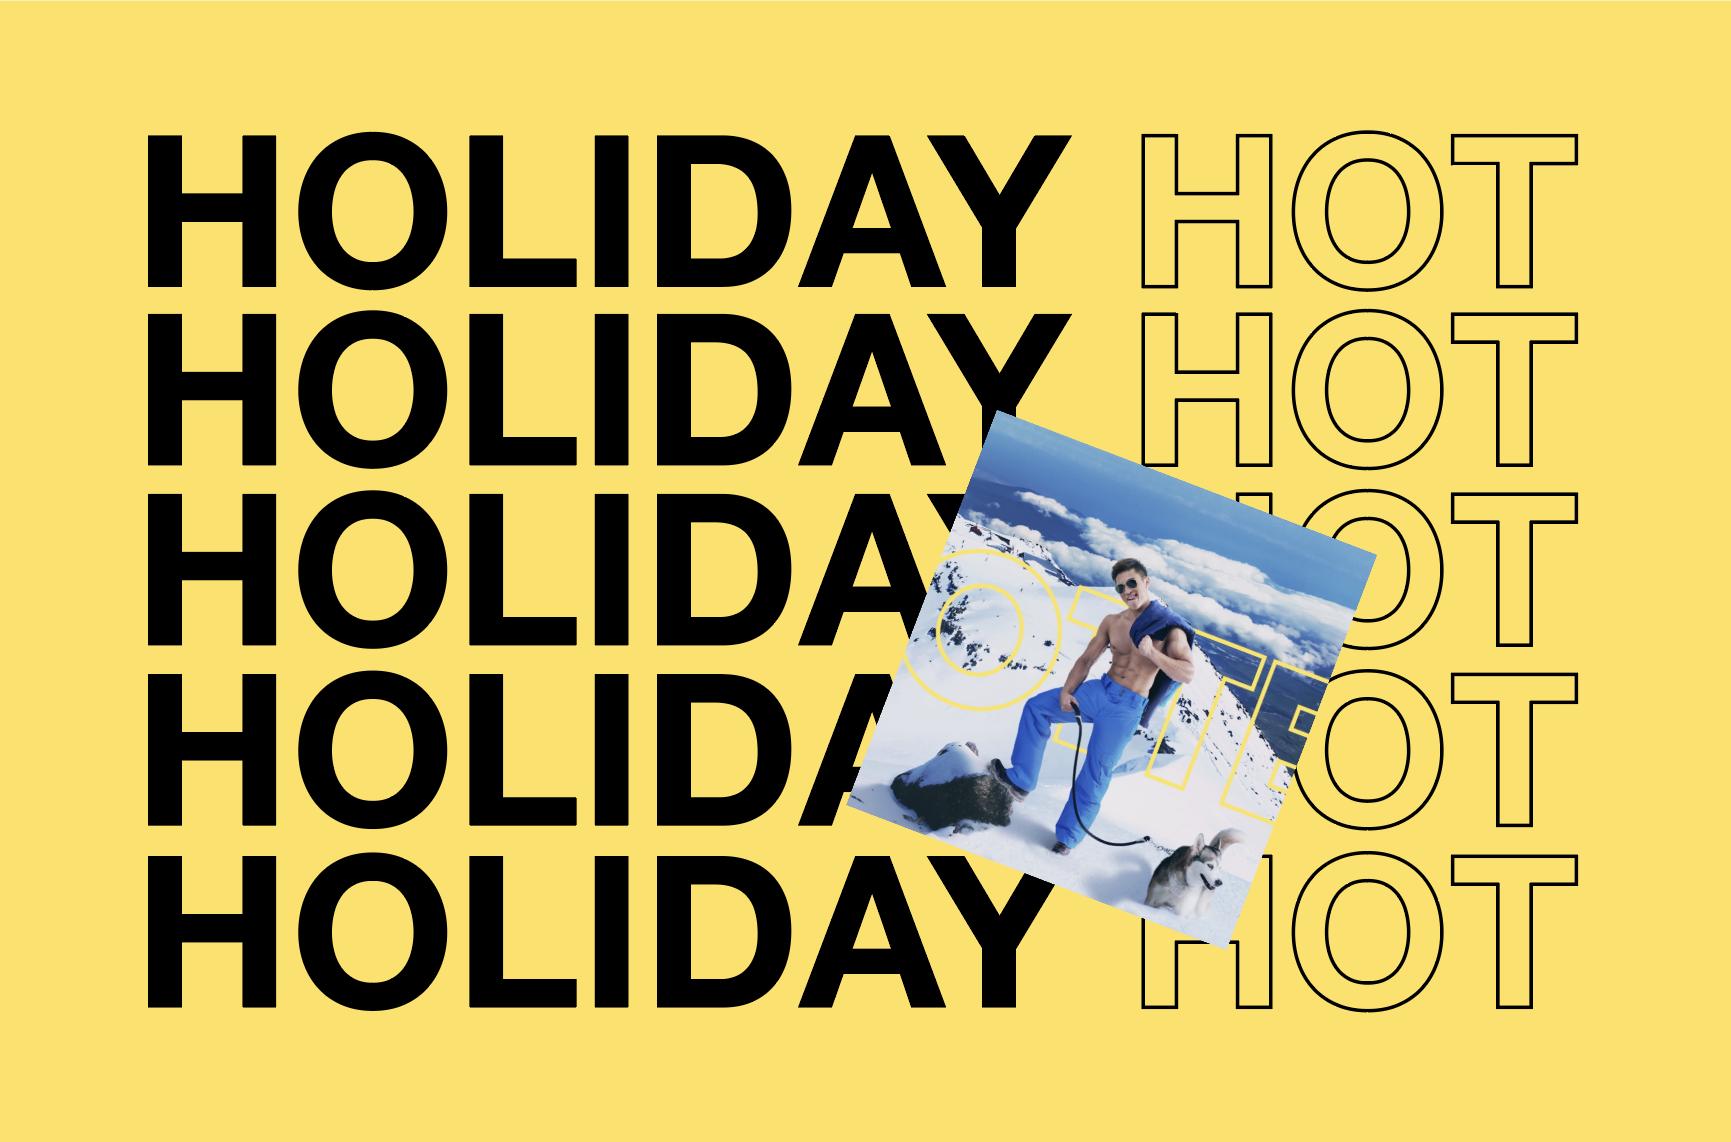 holiday hot